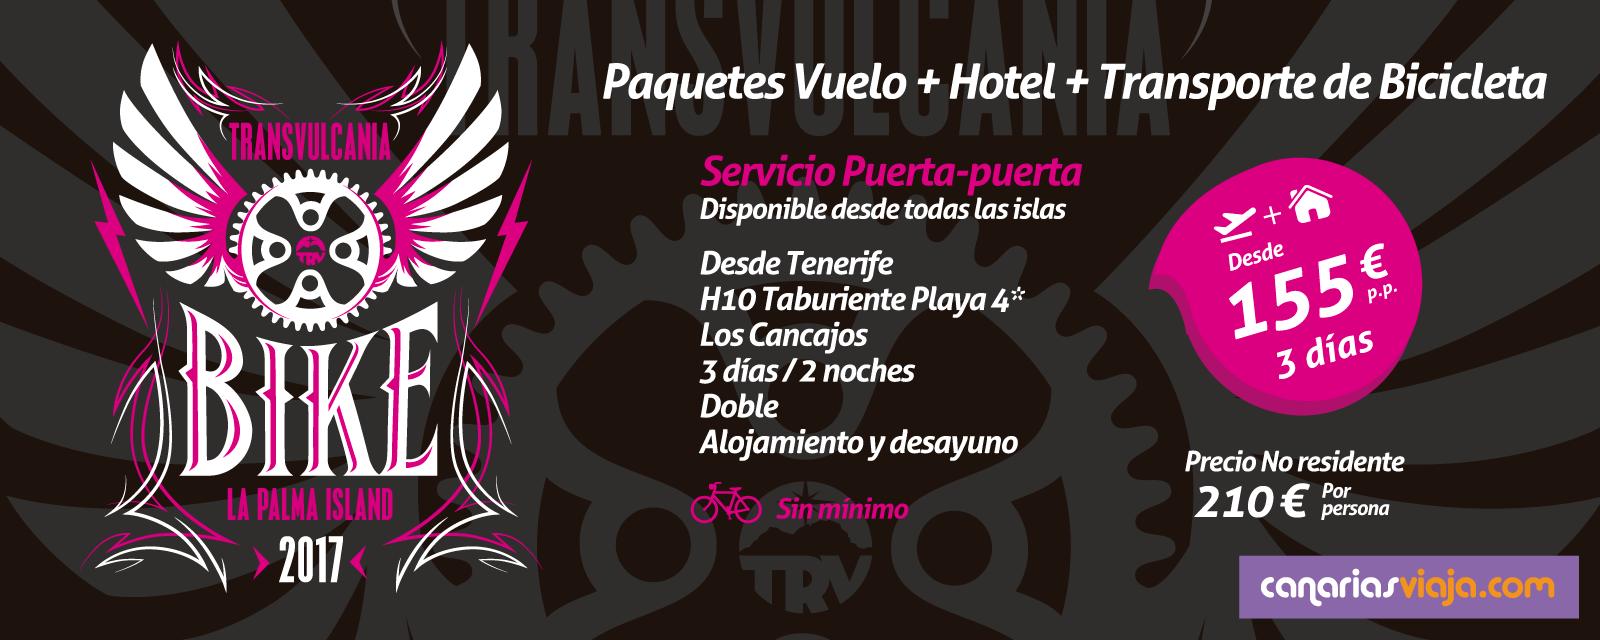 Paquetes Vuelo + Hotel + Transporte de Bicicleta